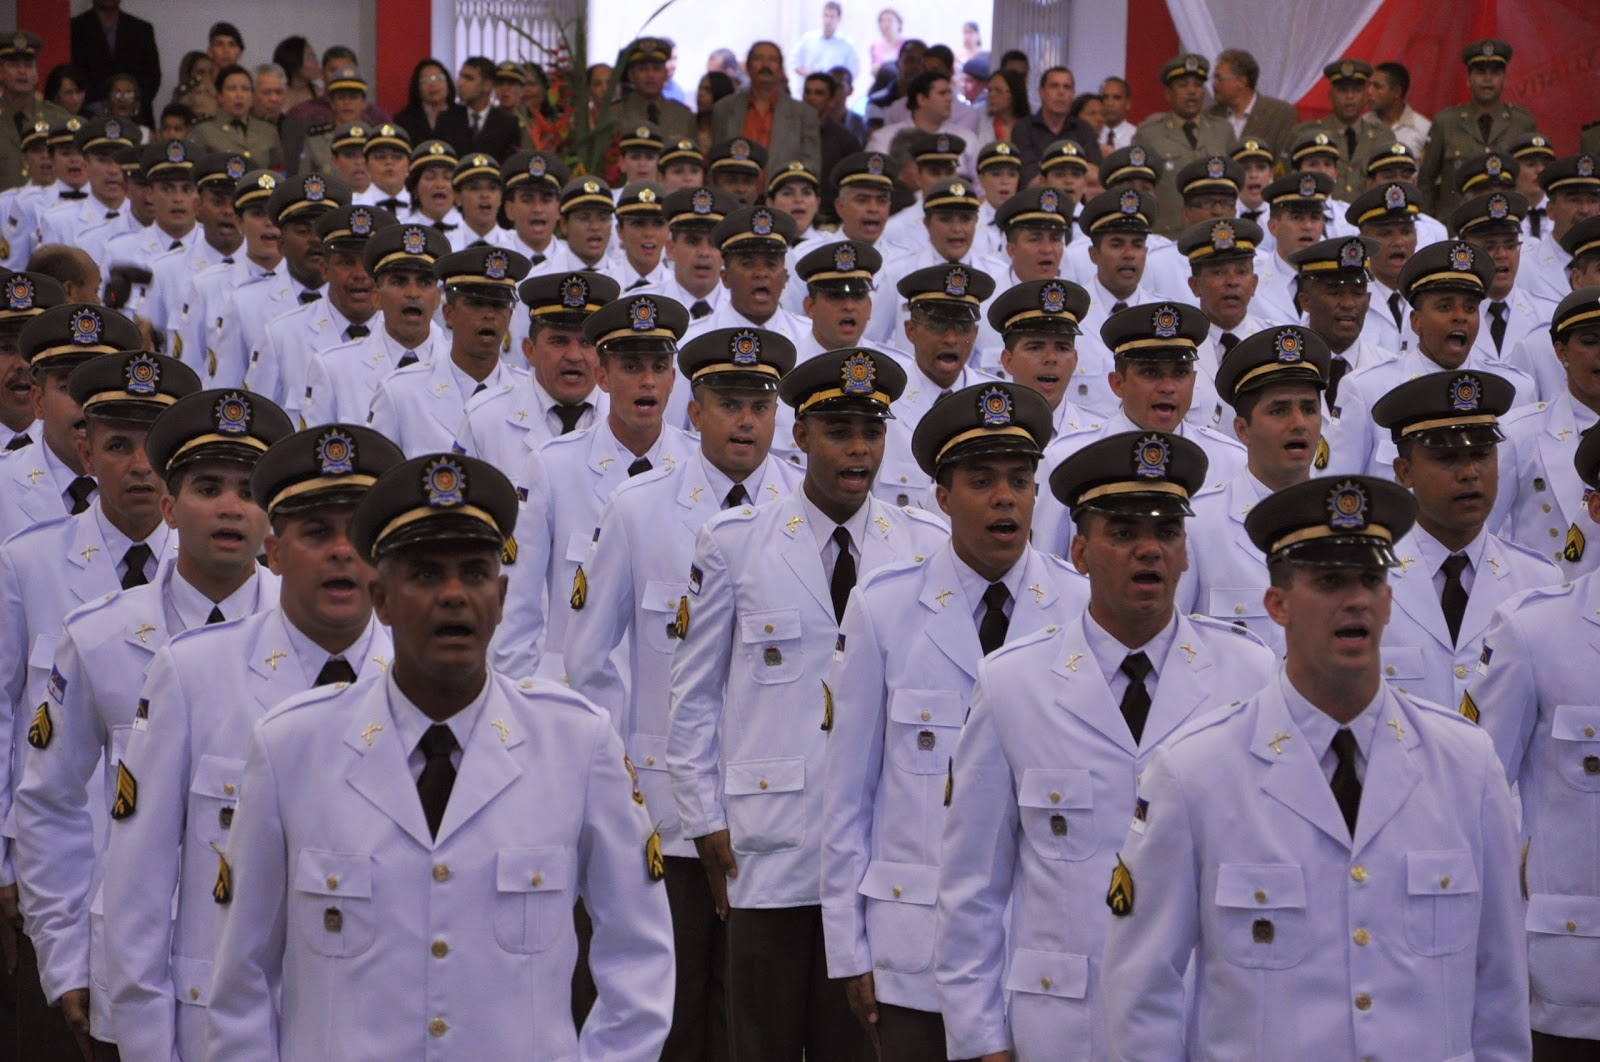 Concurso Polícia Militar de Pernambuco - Oficial é anunciado para oferta inicial de 60 vagas! Edital ainda em 2016!